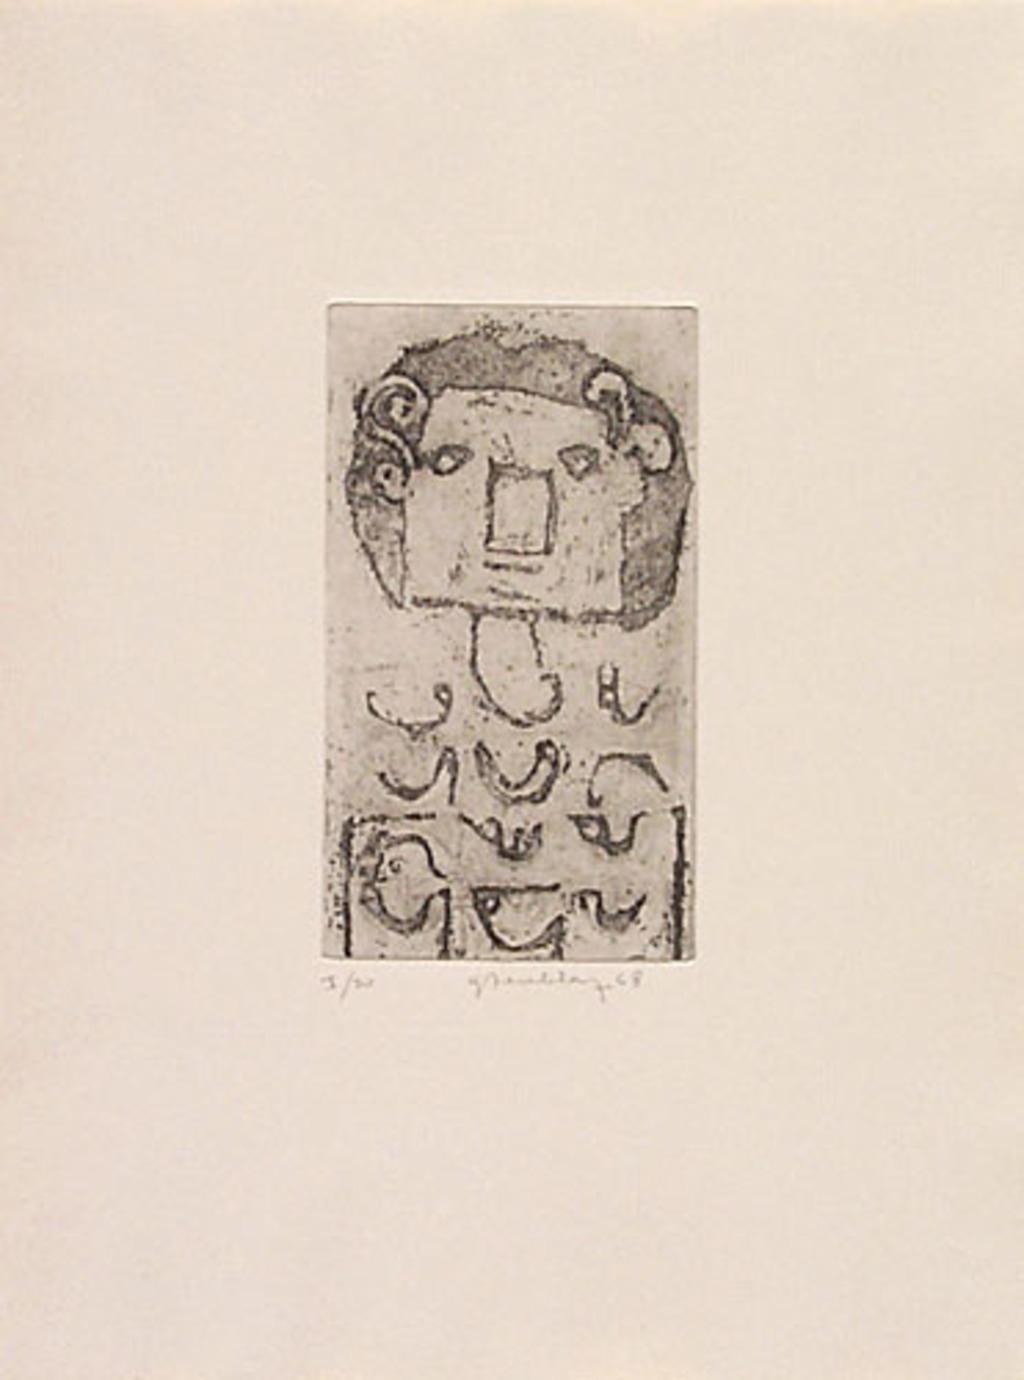 L'Année de son âge, du livre d'artiste «Les Semaines»